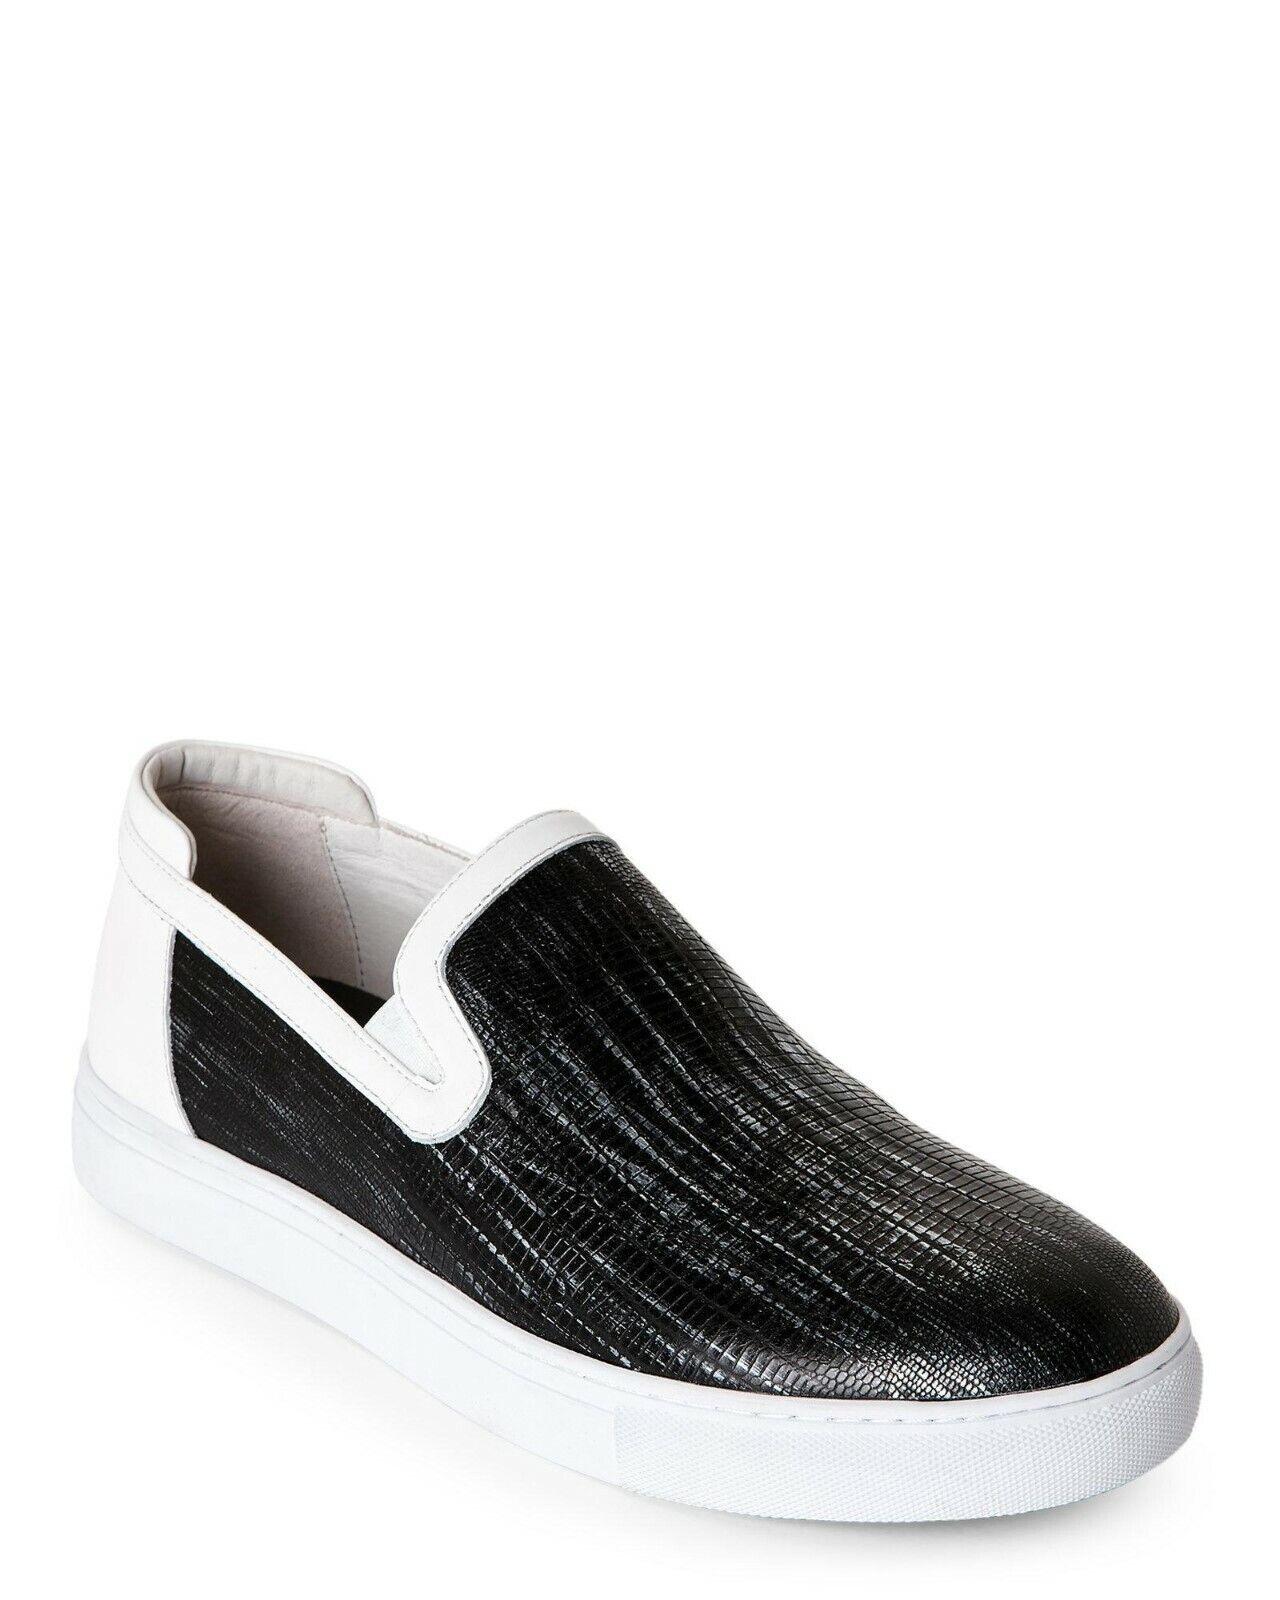 Badgley Mischka Men's Bogart Lizard-Embossed Slip On Sneaker Size10 Black White